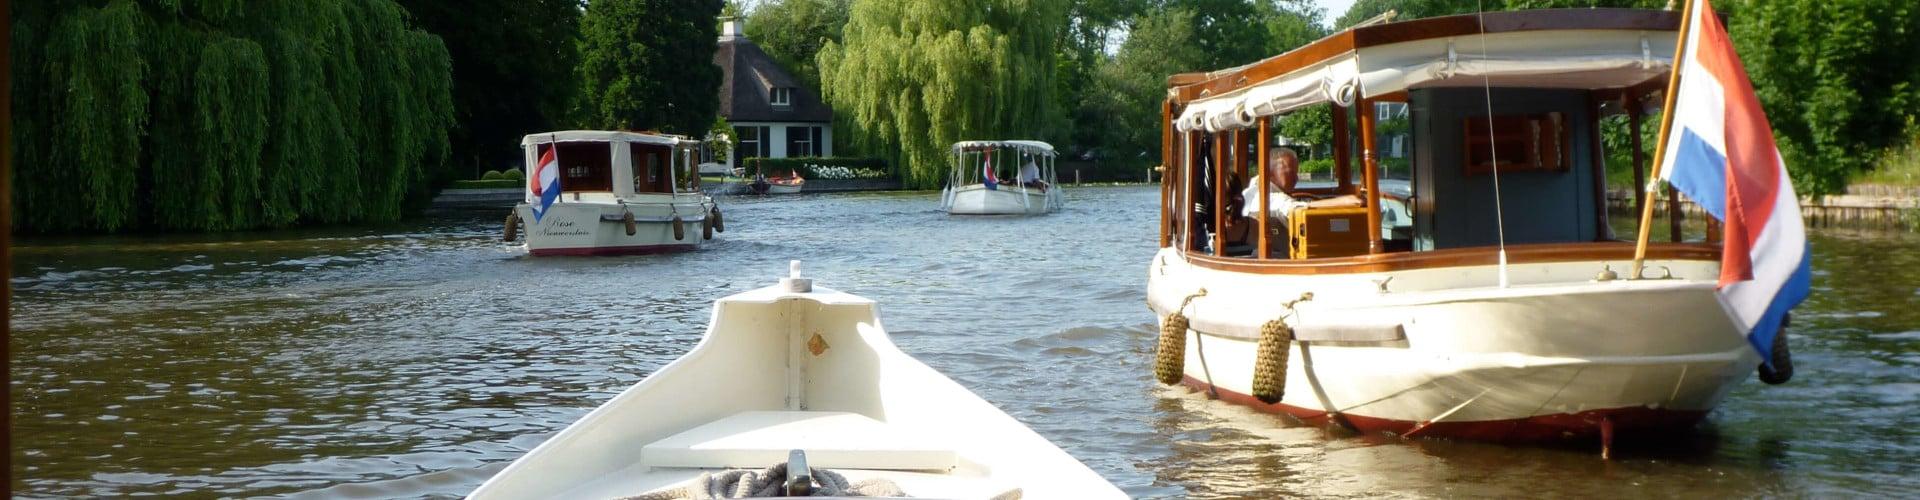 Salon boats on river Vecht